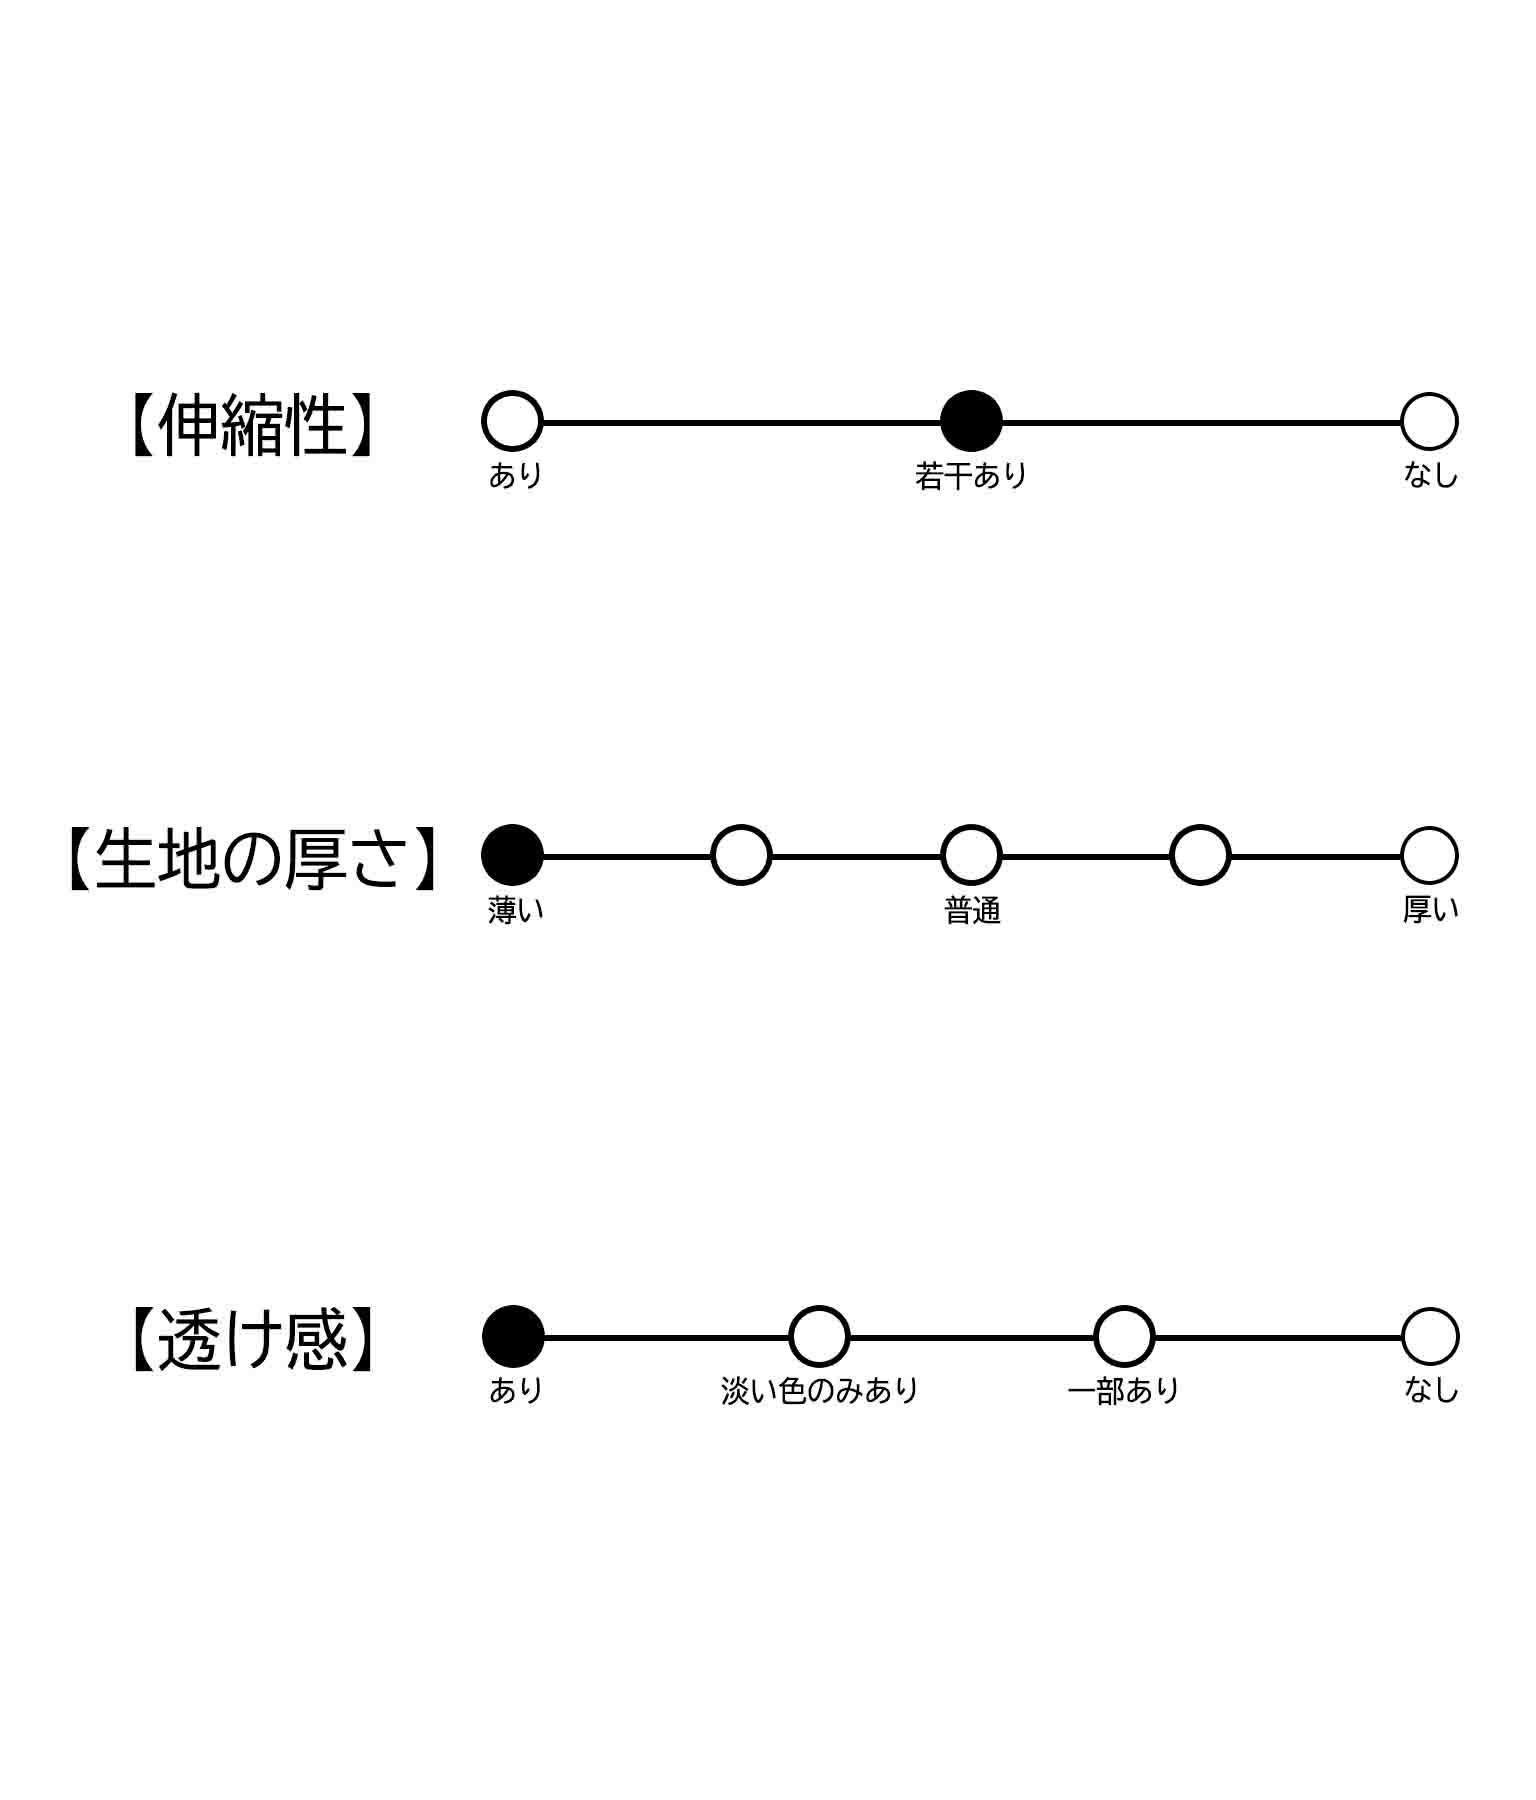 シワ加工ワッフル素材ウエスト切替トップス(トップス/カットソー ) | CHILLE